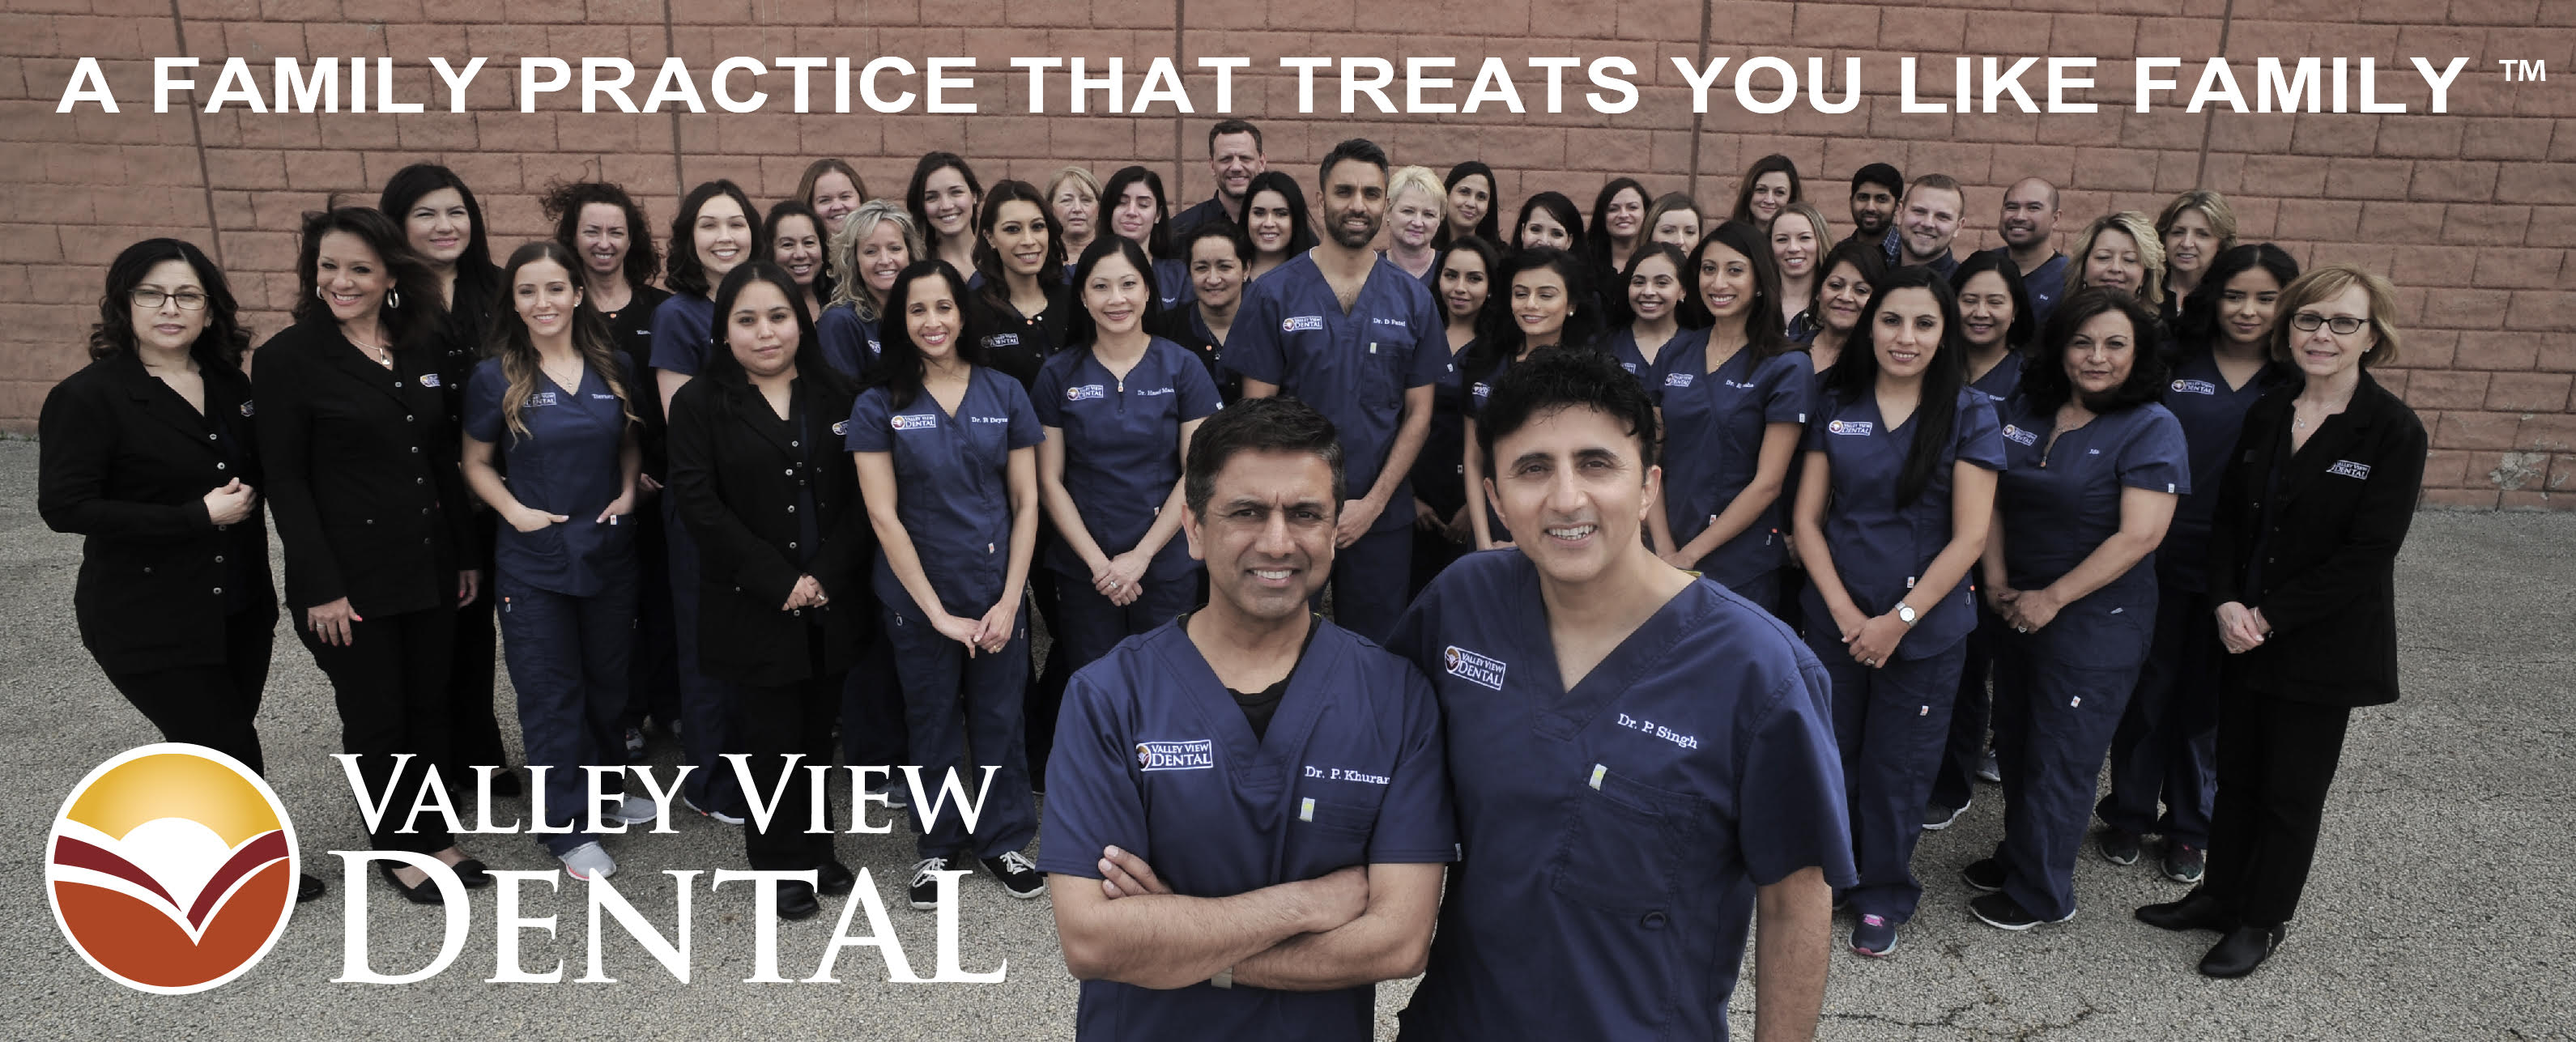 Valley View Dental reviews   General Dentistry at